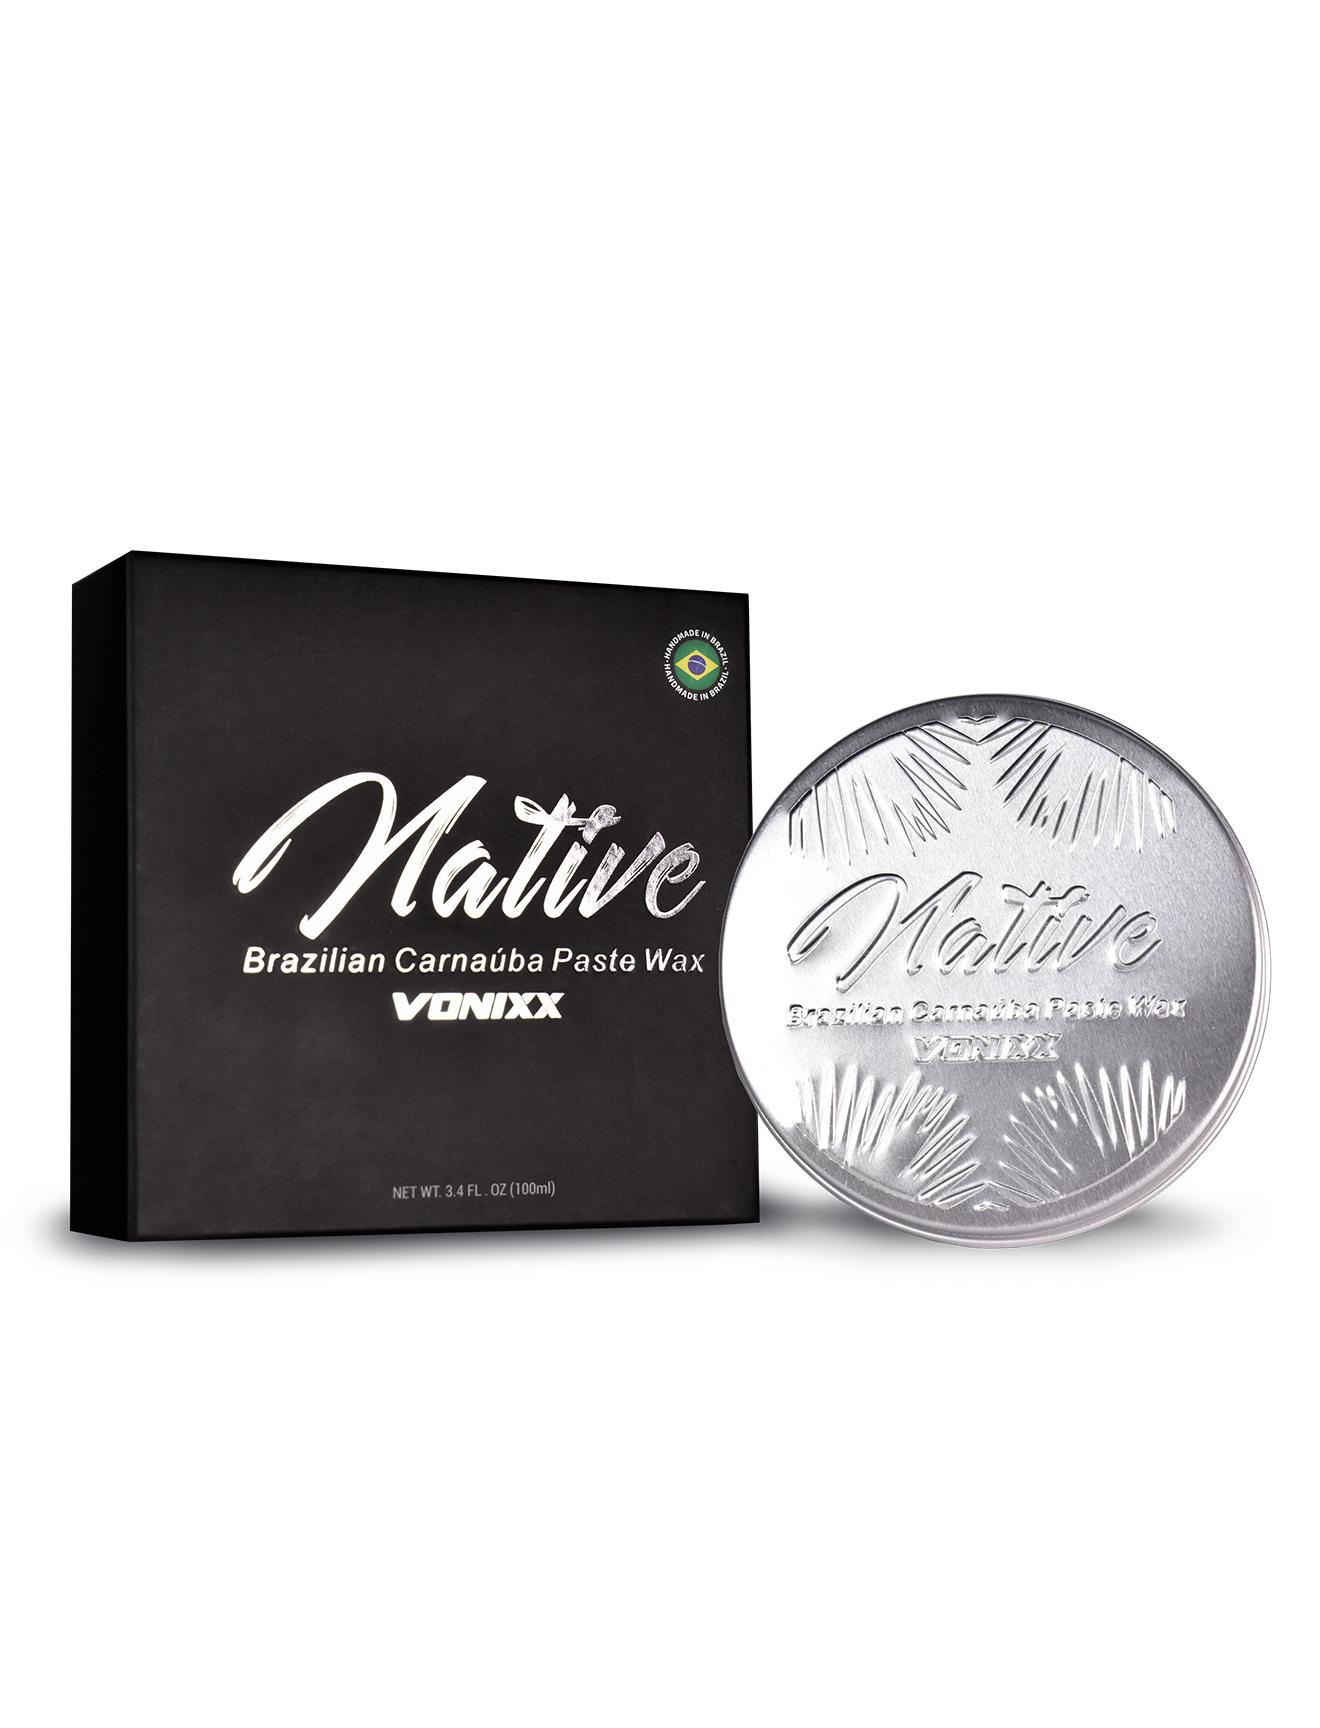 native-100ml-